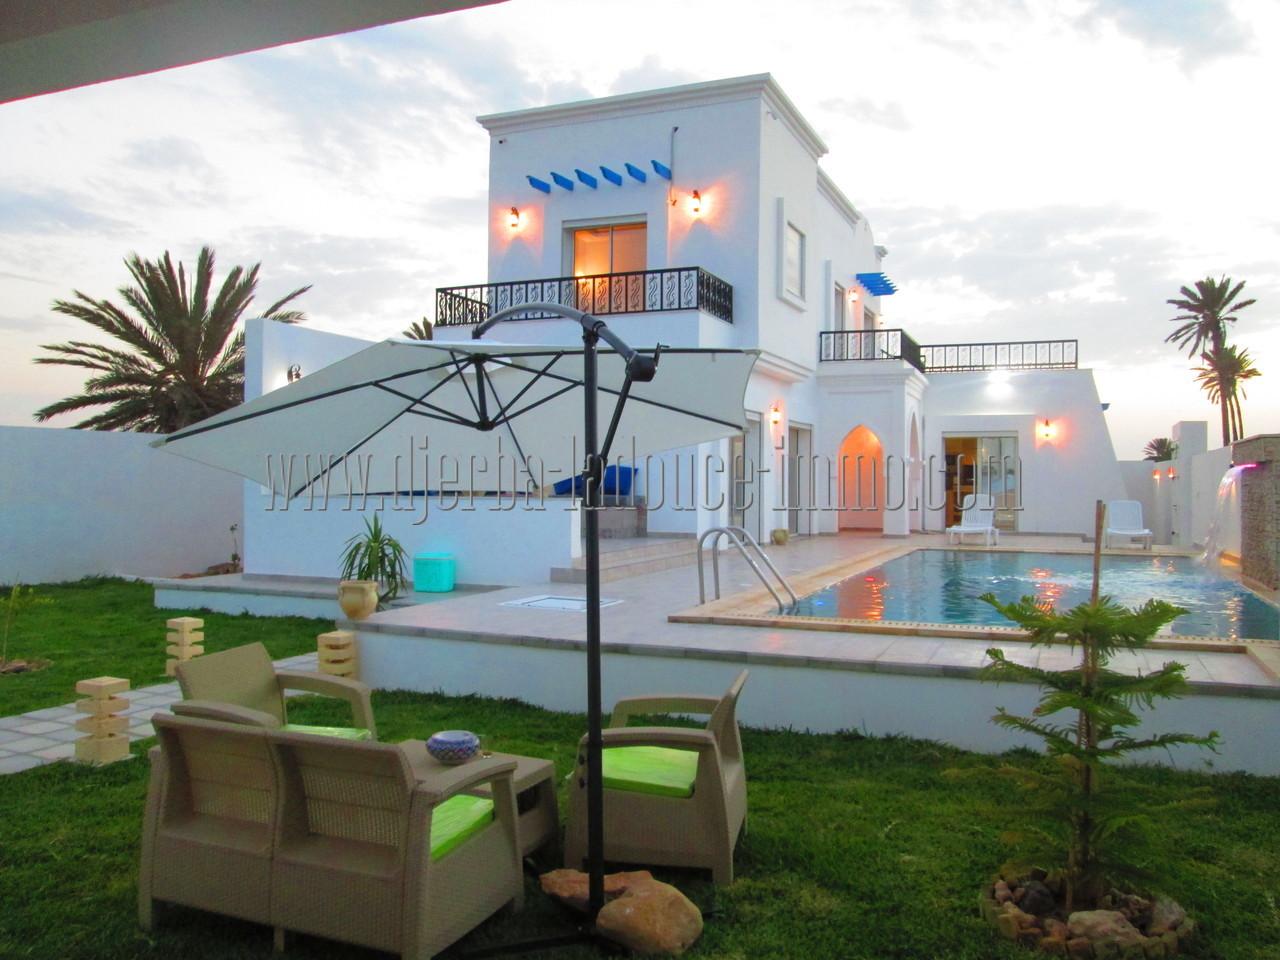 Charmante Villa toute neuve avec piscine et meublée à louer pour vos vacances sur Djerba avec vue de mer